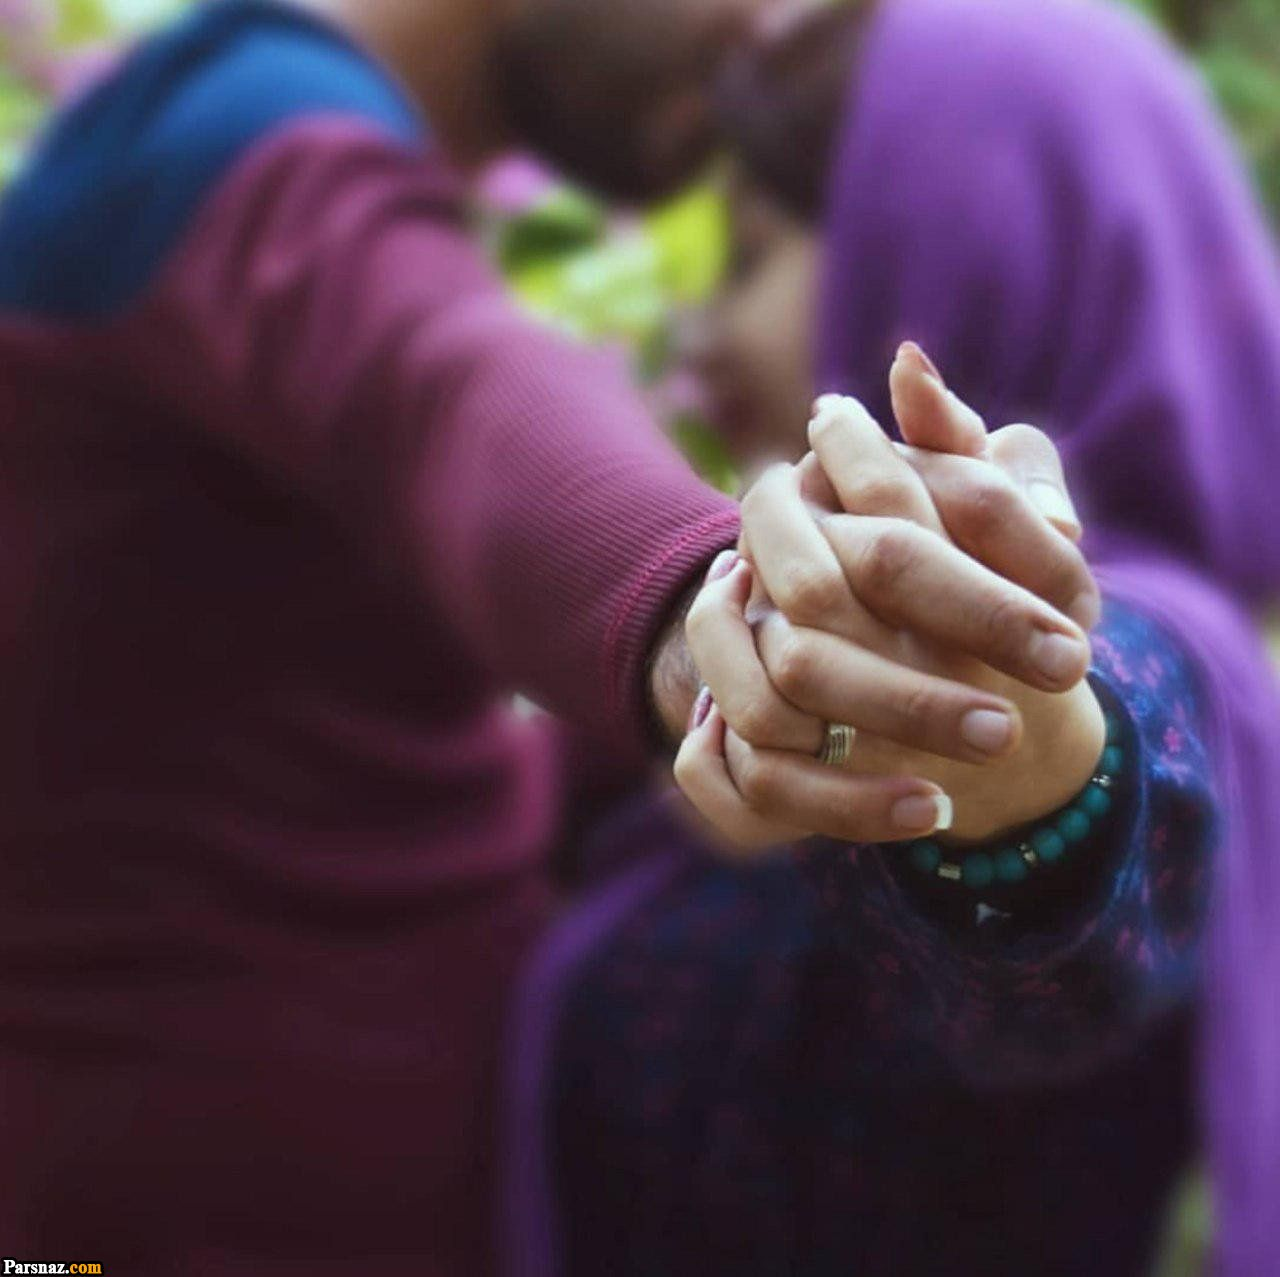 عکس پروفایل عاشقانه دخترونه و پسرونه ۲۰۲۰ | عکس نوشته عاشقانه دختر و پسر ۹۹